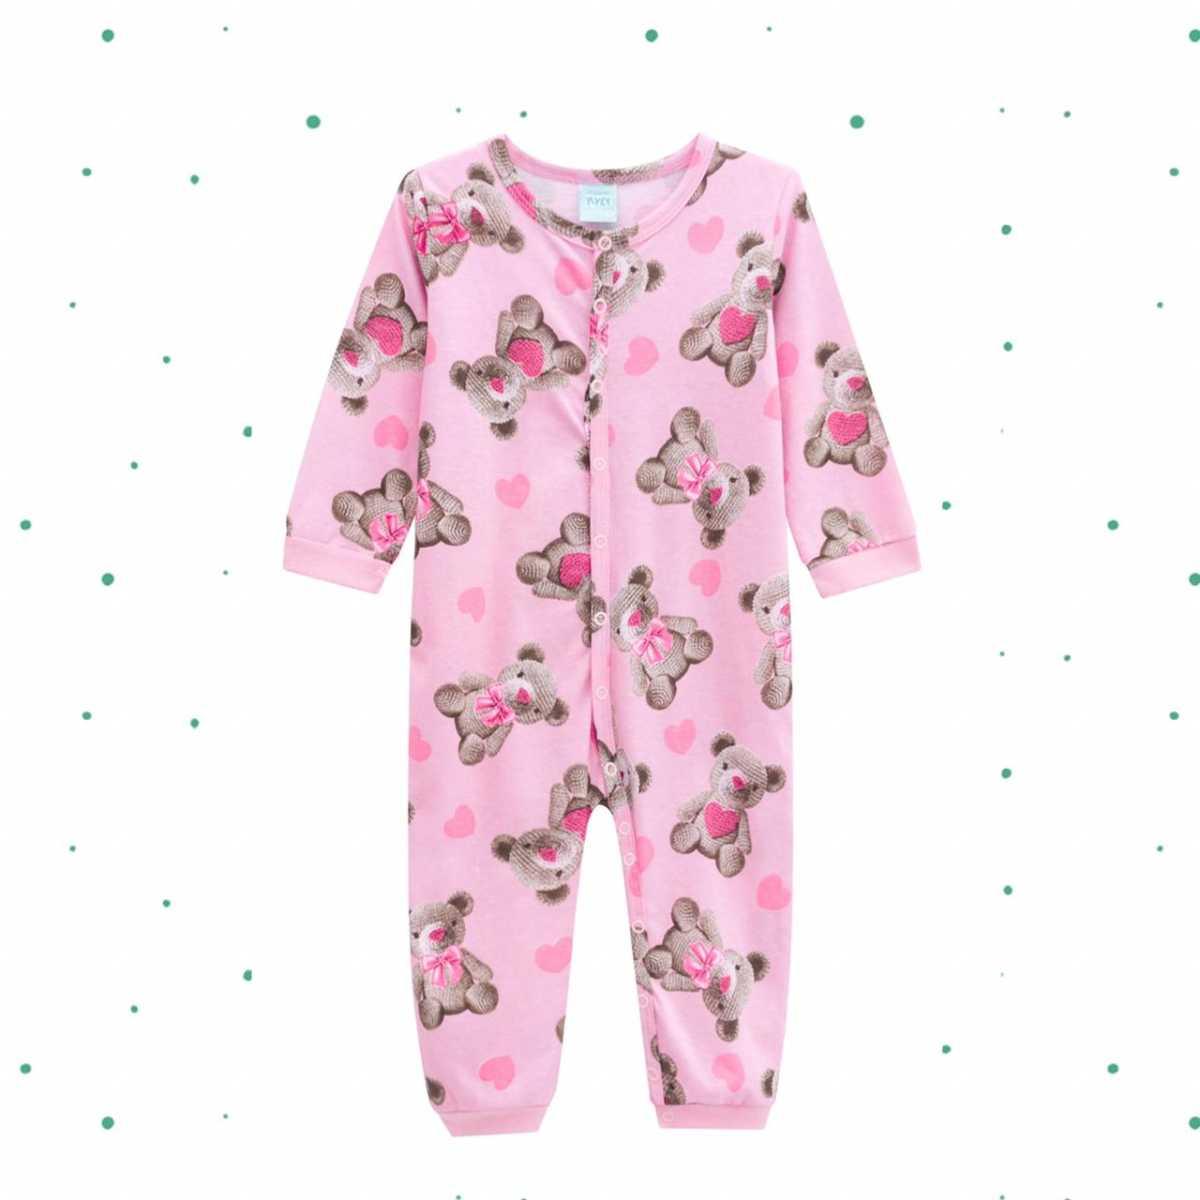 Macacão Pijama Bebê Menina Kyly em 100% Algodão